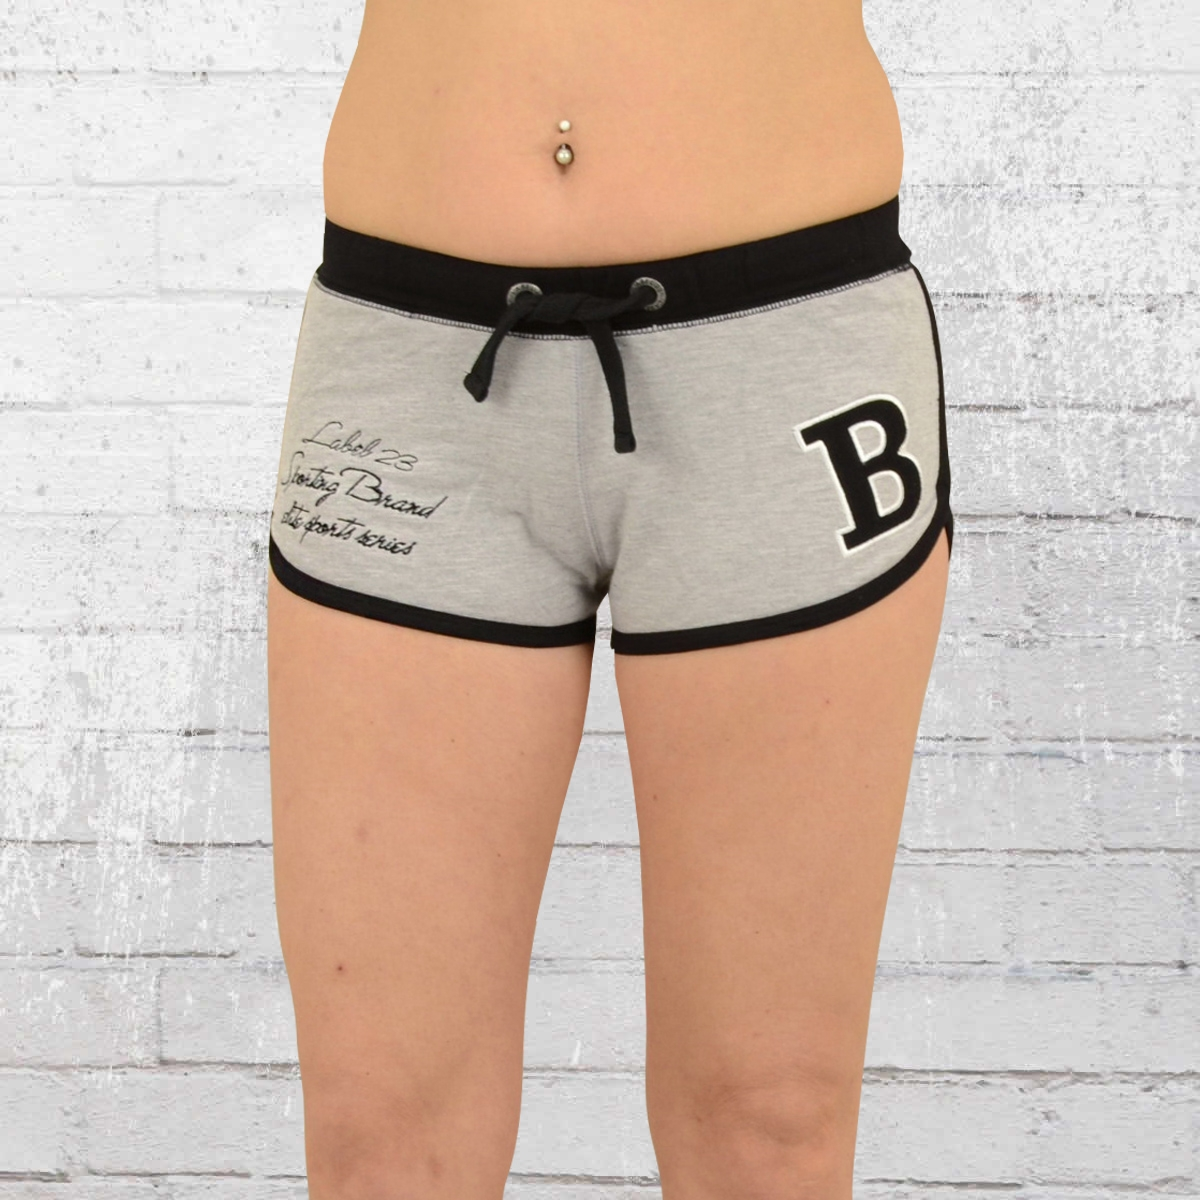 Label 23 Frauen Hot Pants Sportsline Short grau meliert